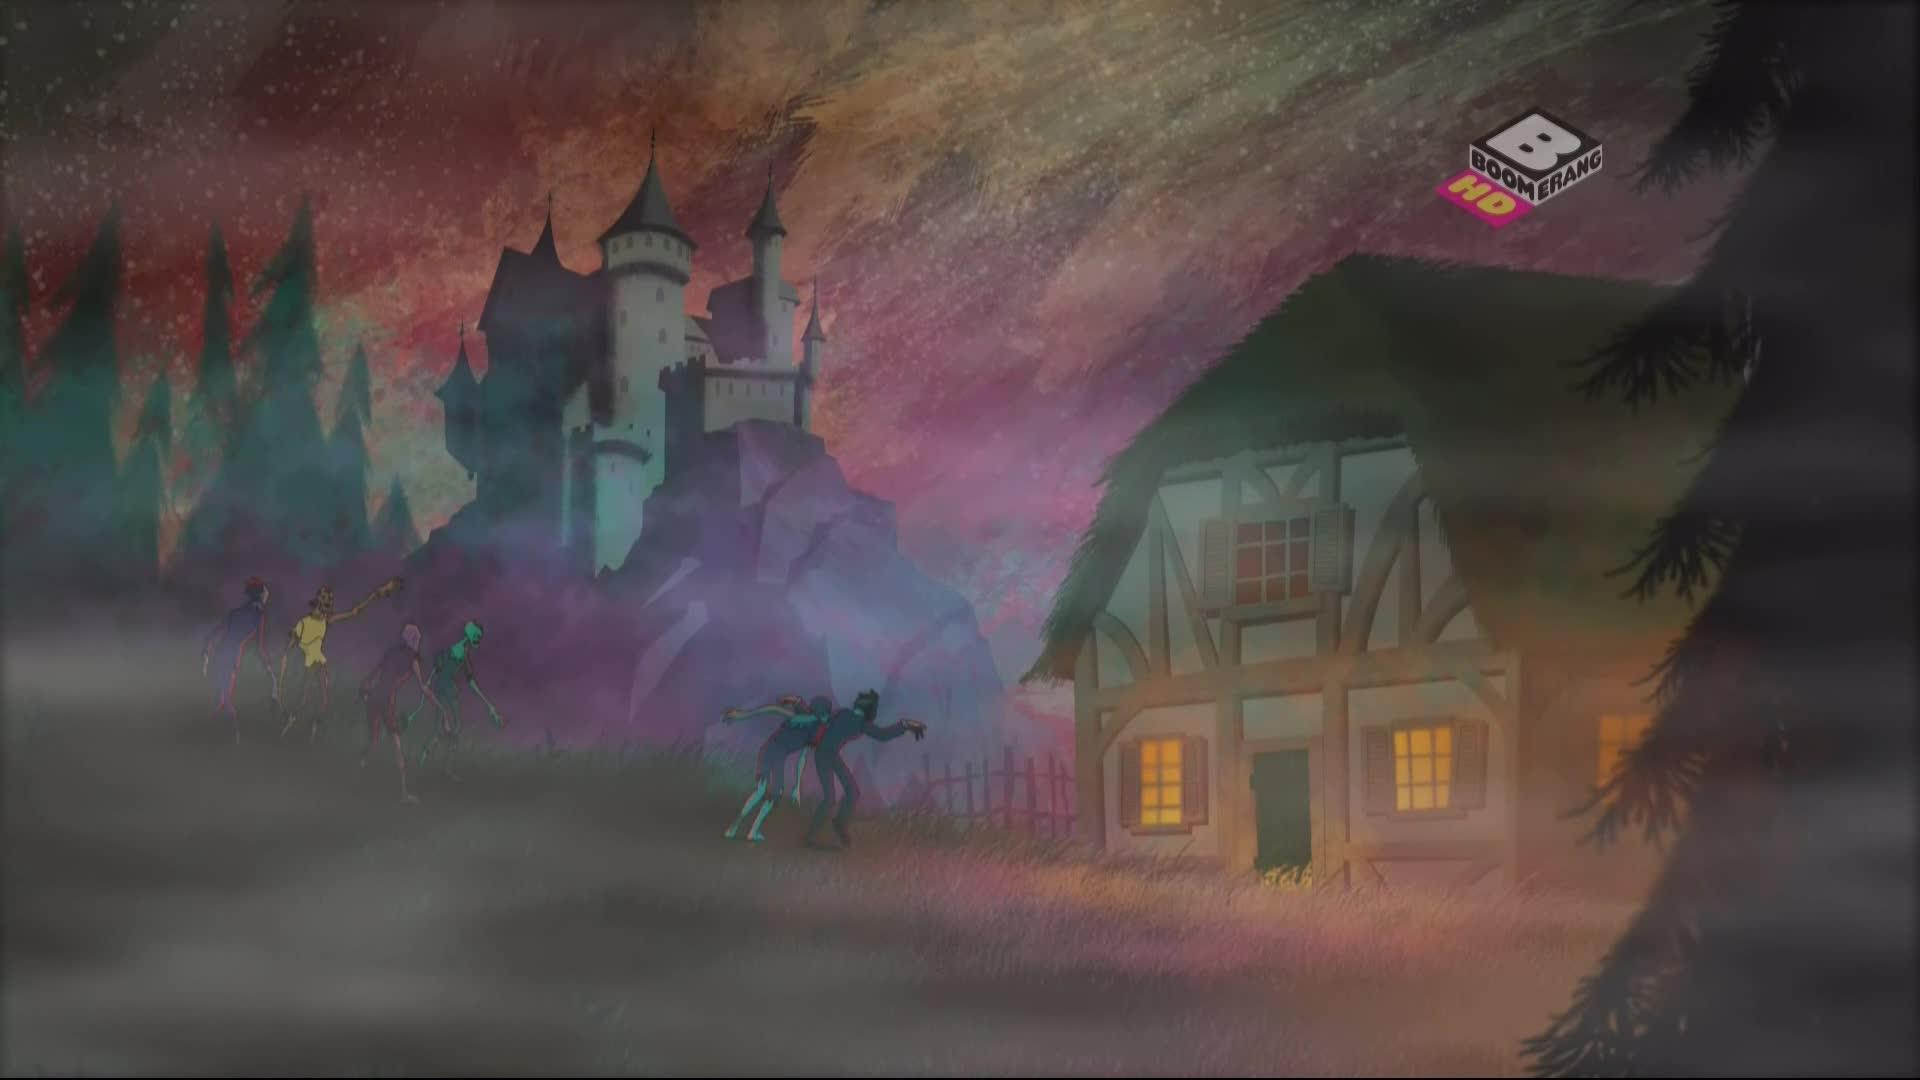 Scooby-Doo i Brygada Detektywów 1080p, odcinki 19-20: Poczwar/Pieśń syreny